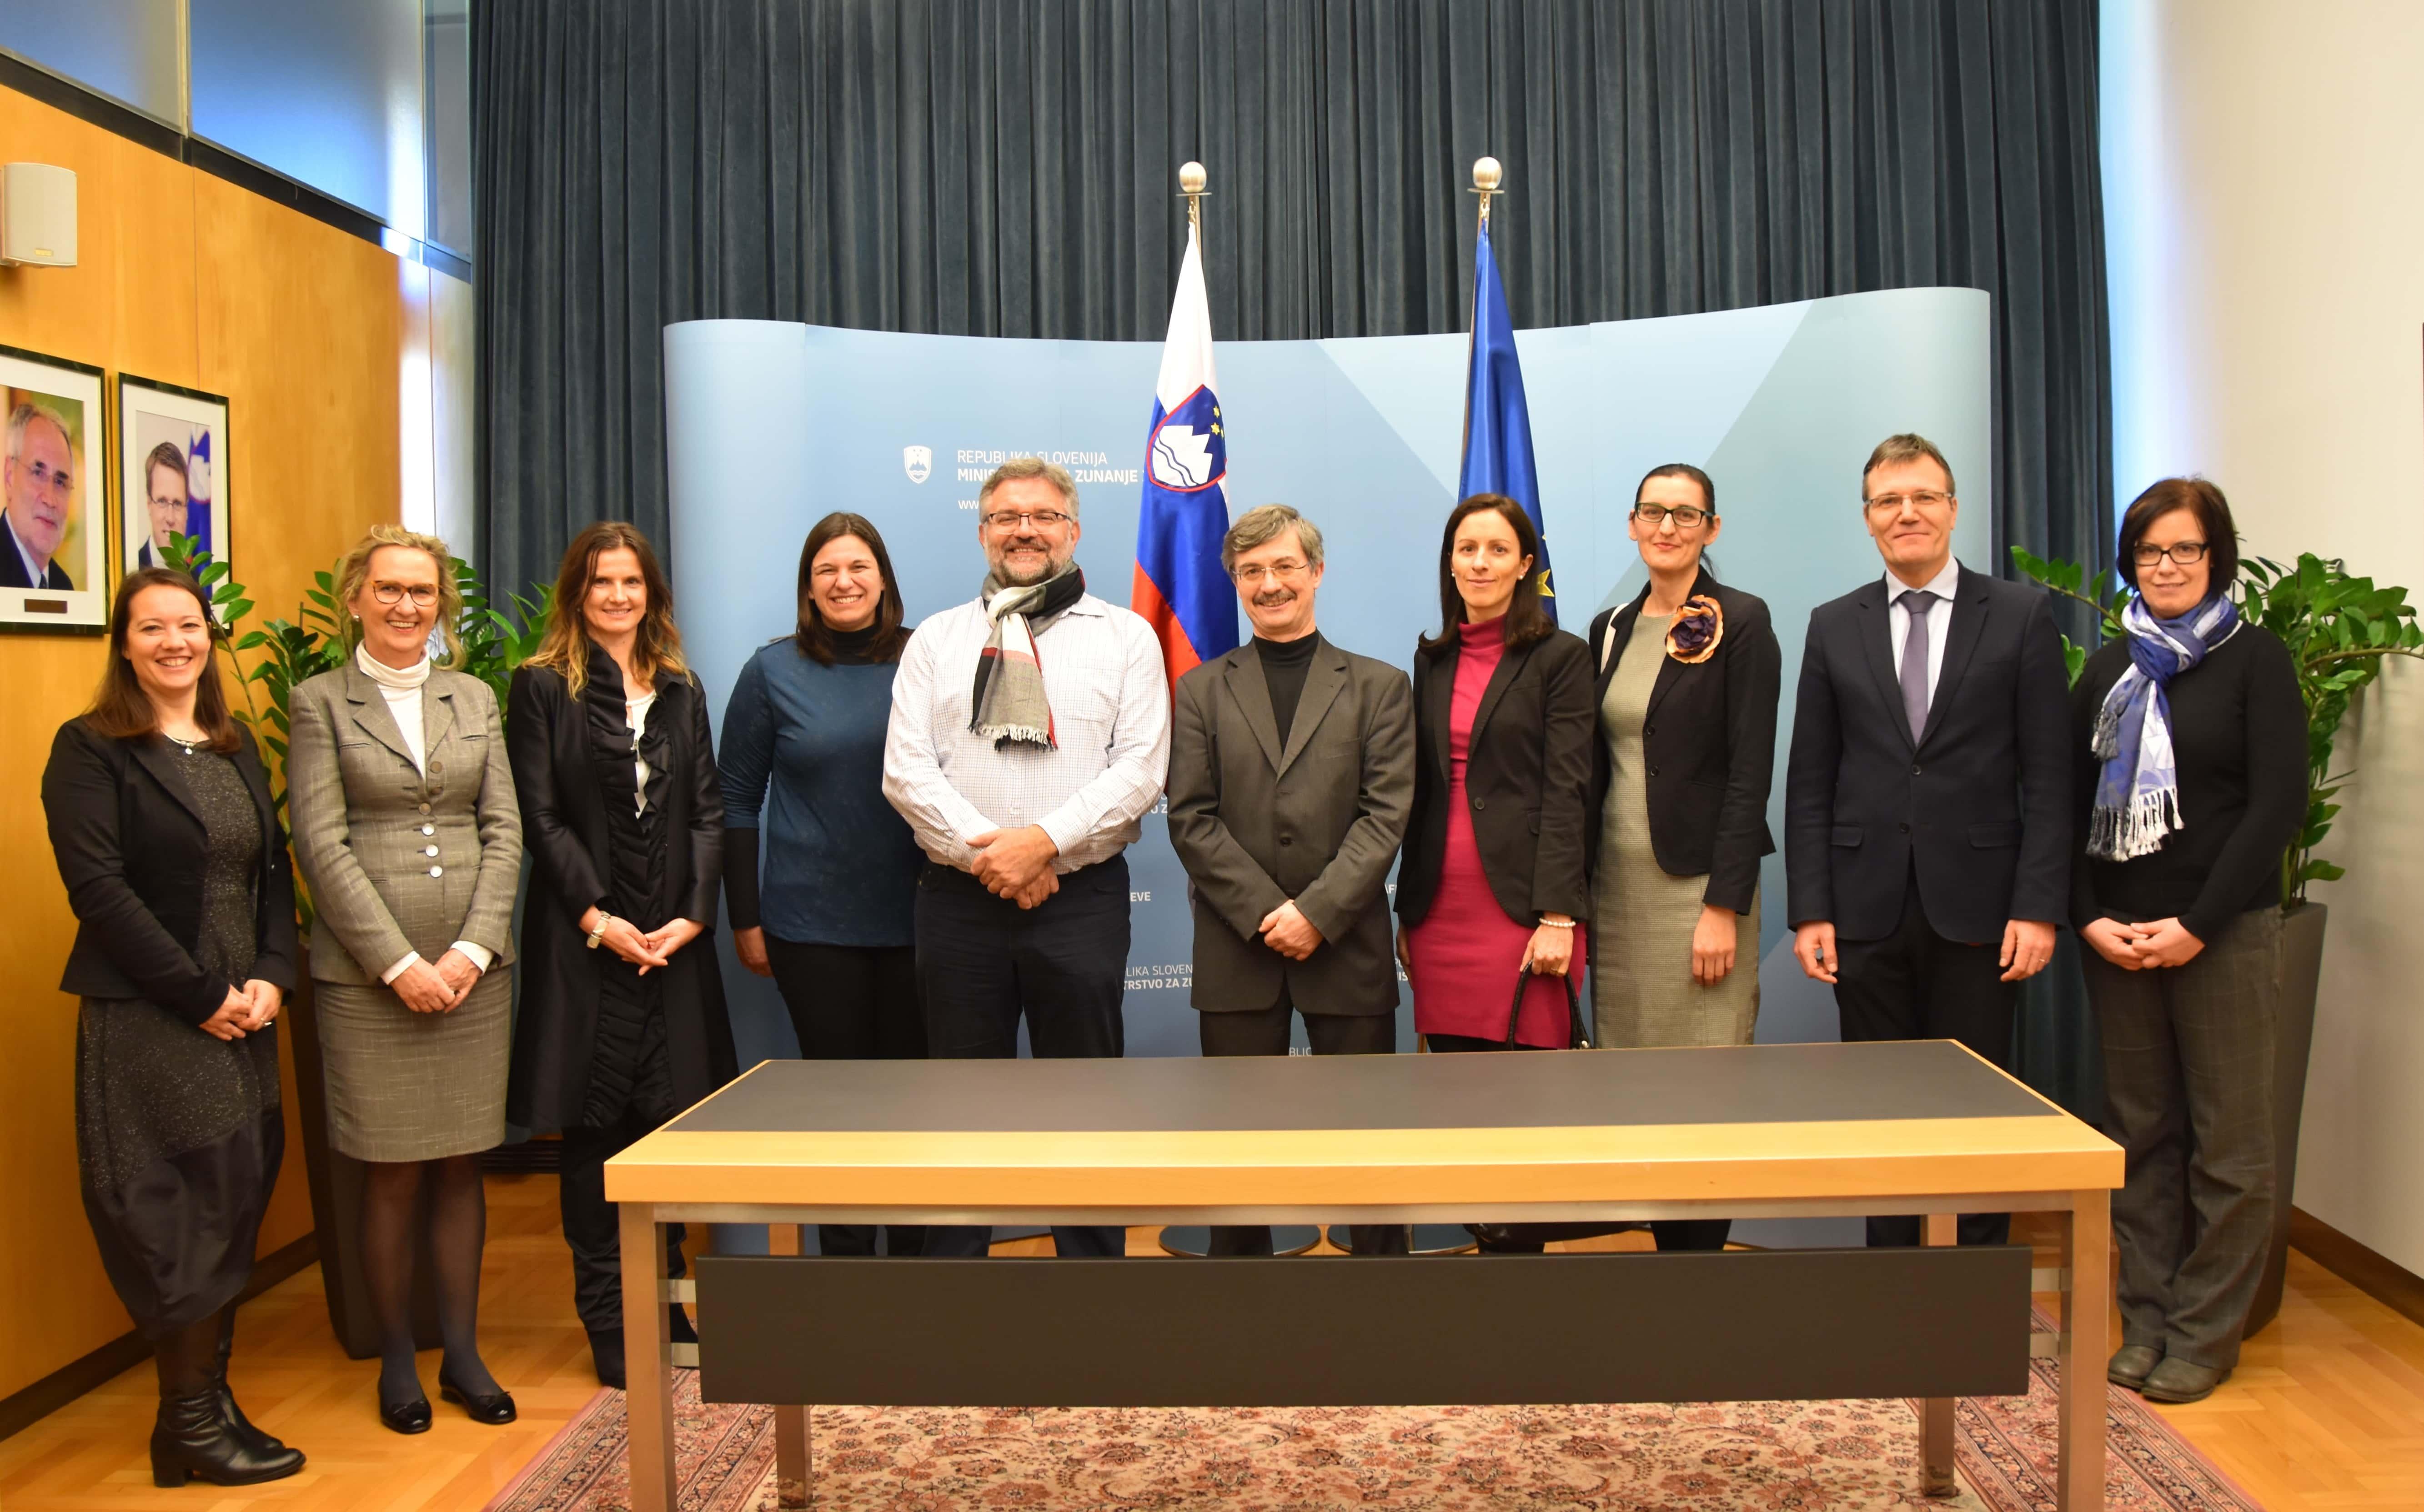 Slovenija podprla štiri razvojne projekte slovenskih nevladnih organizacij v Afriki in Sloveniji